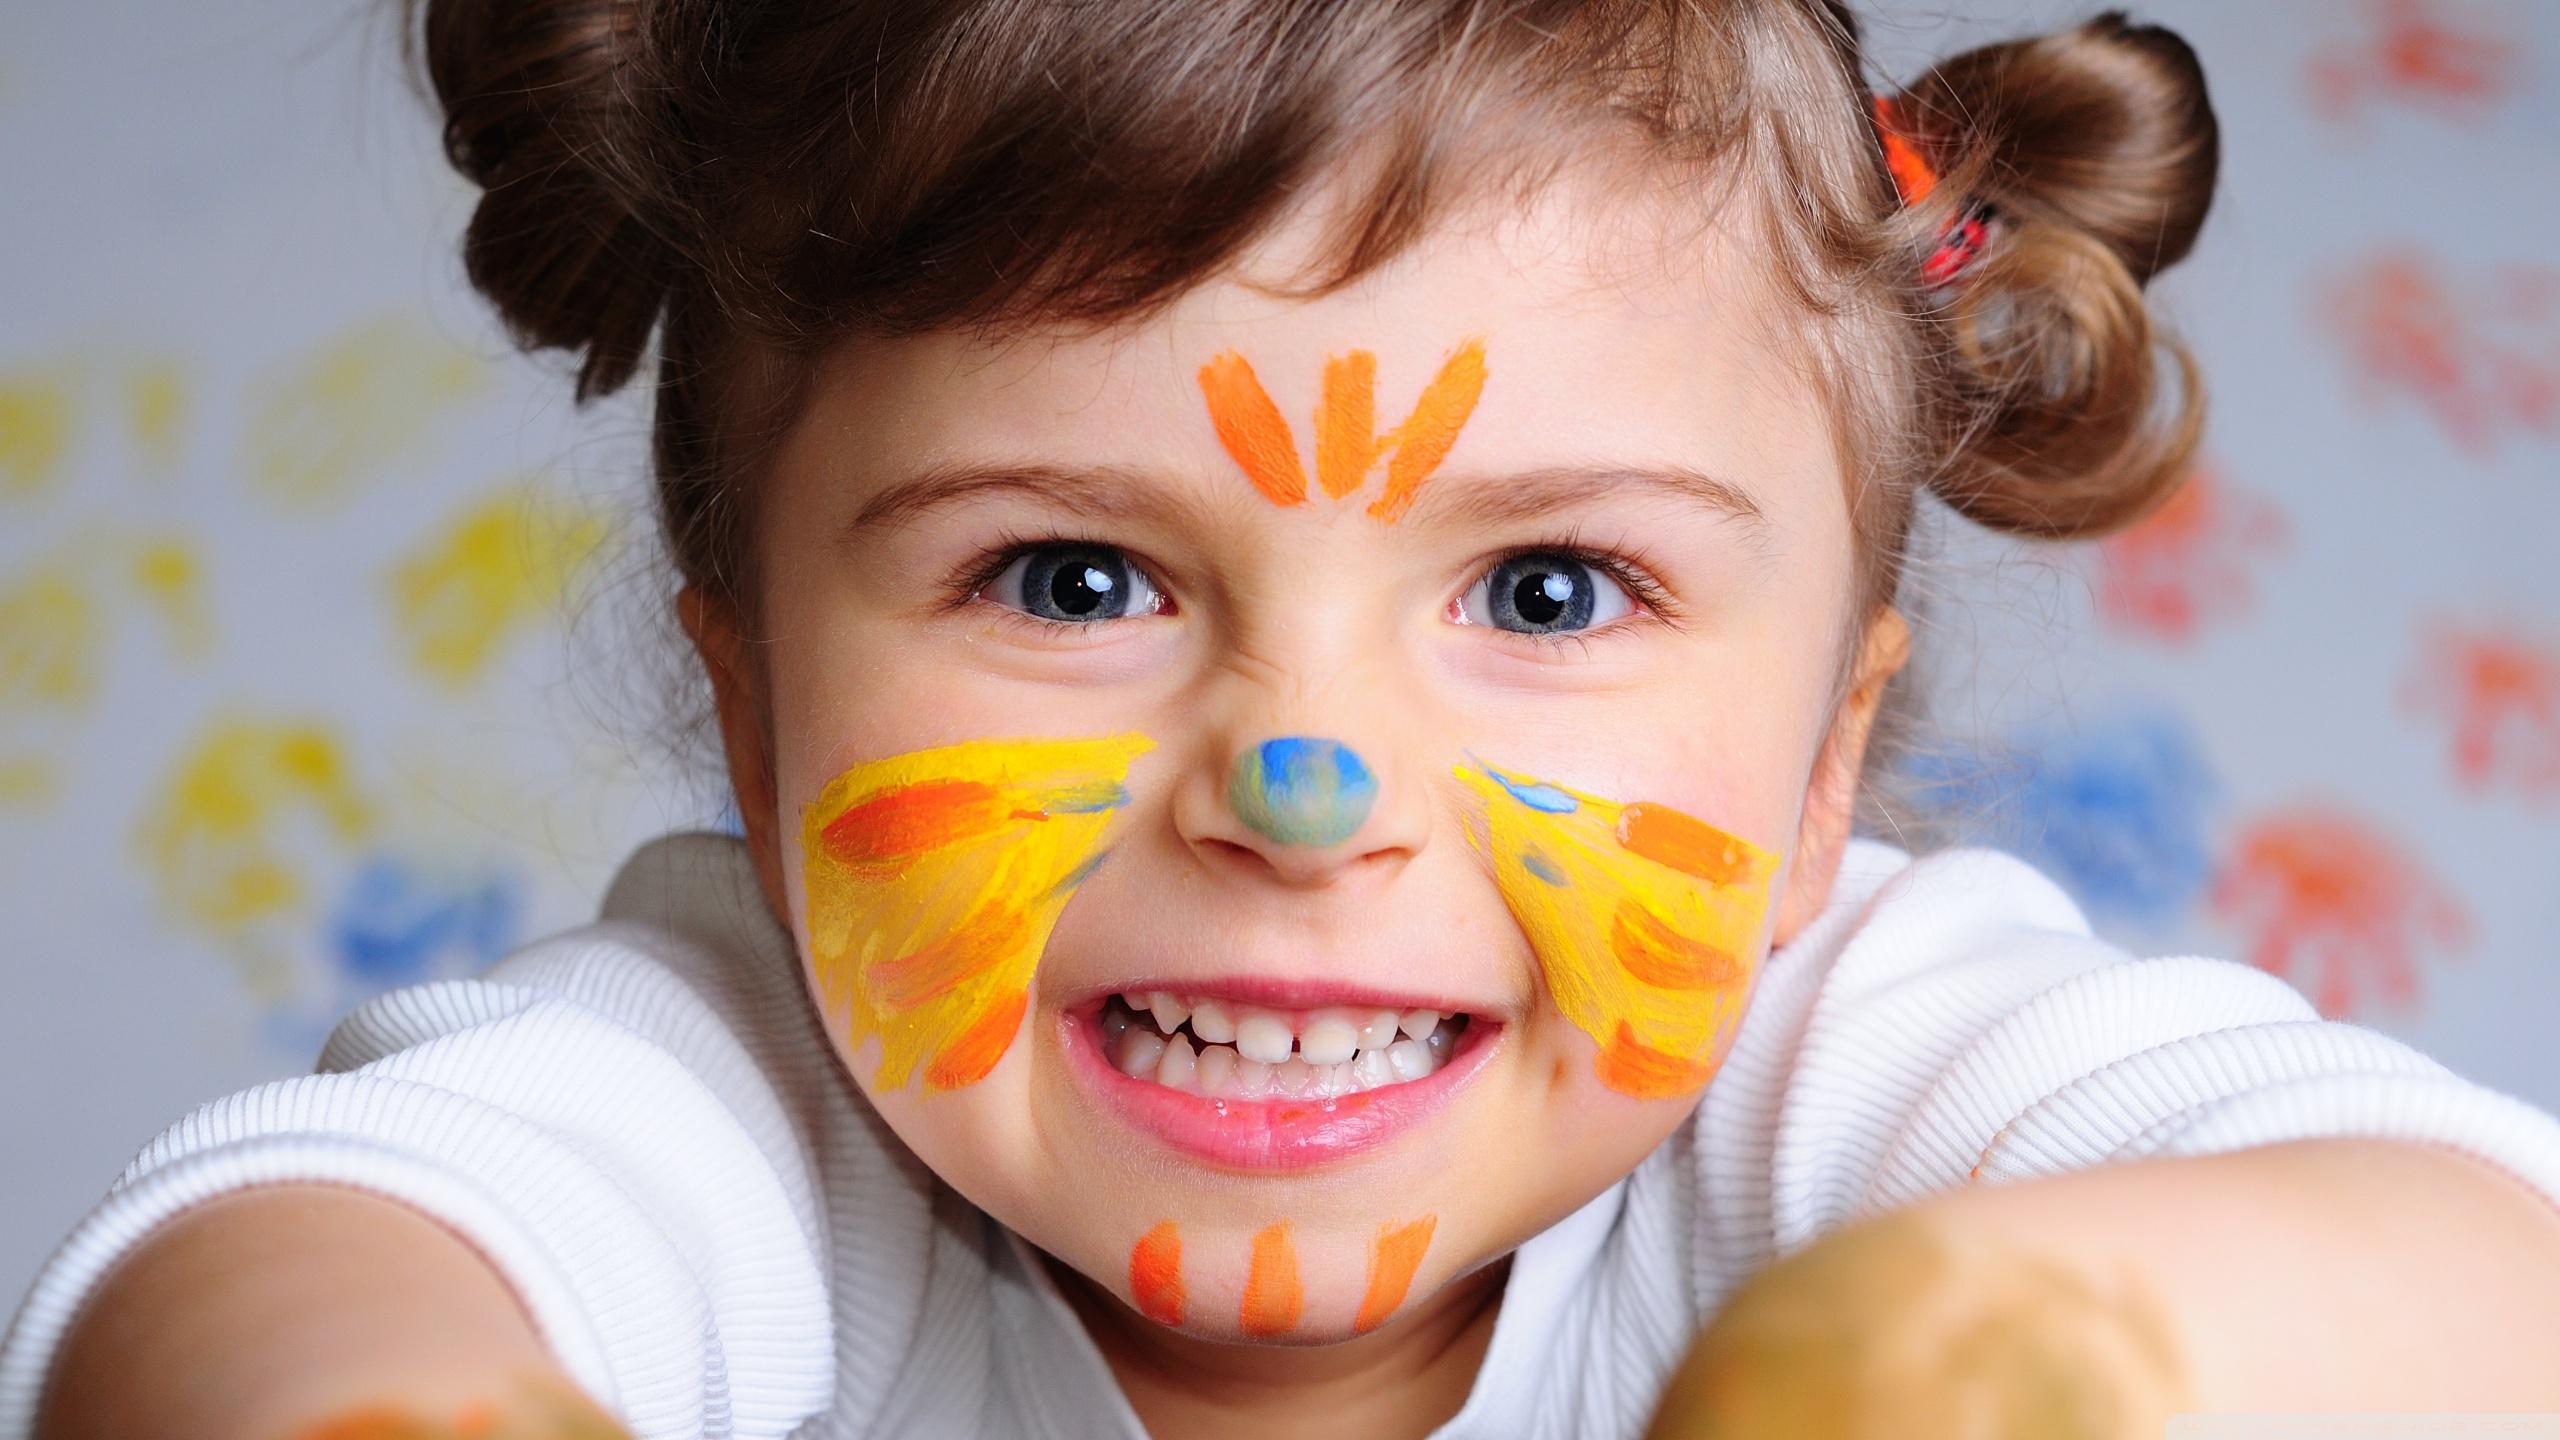 playful child ❤ 4k hd desktop wallpaper for 4k ultra hd tv • tablet